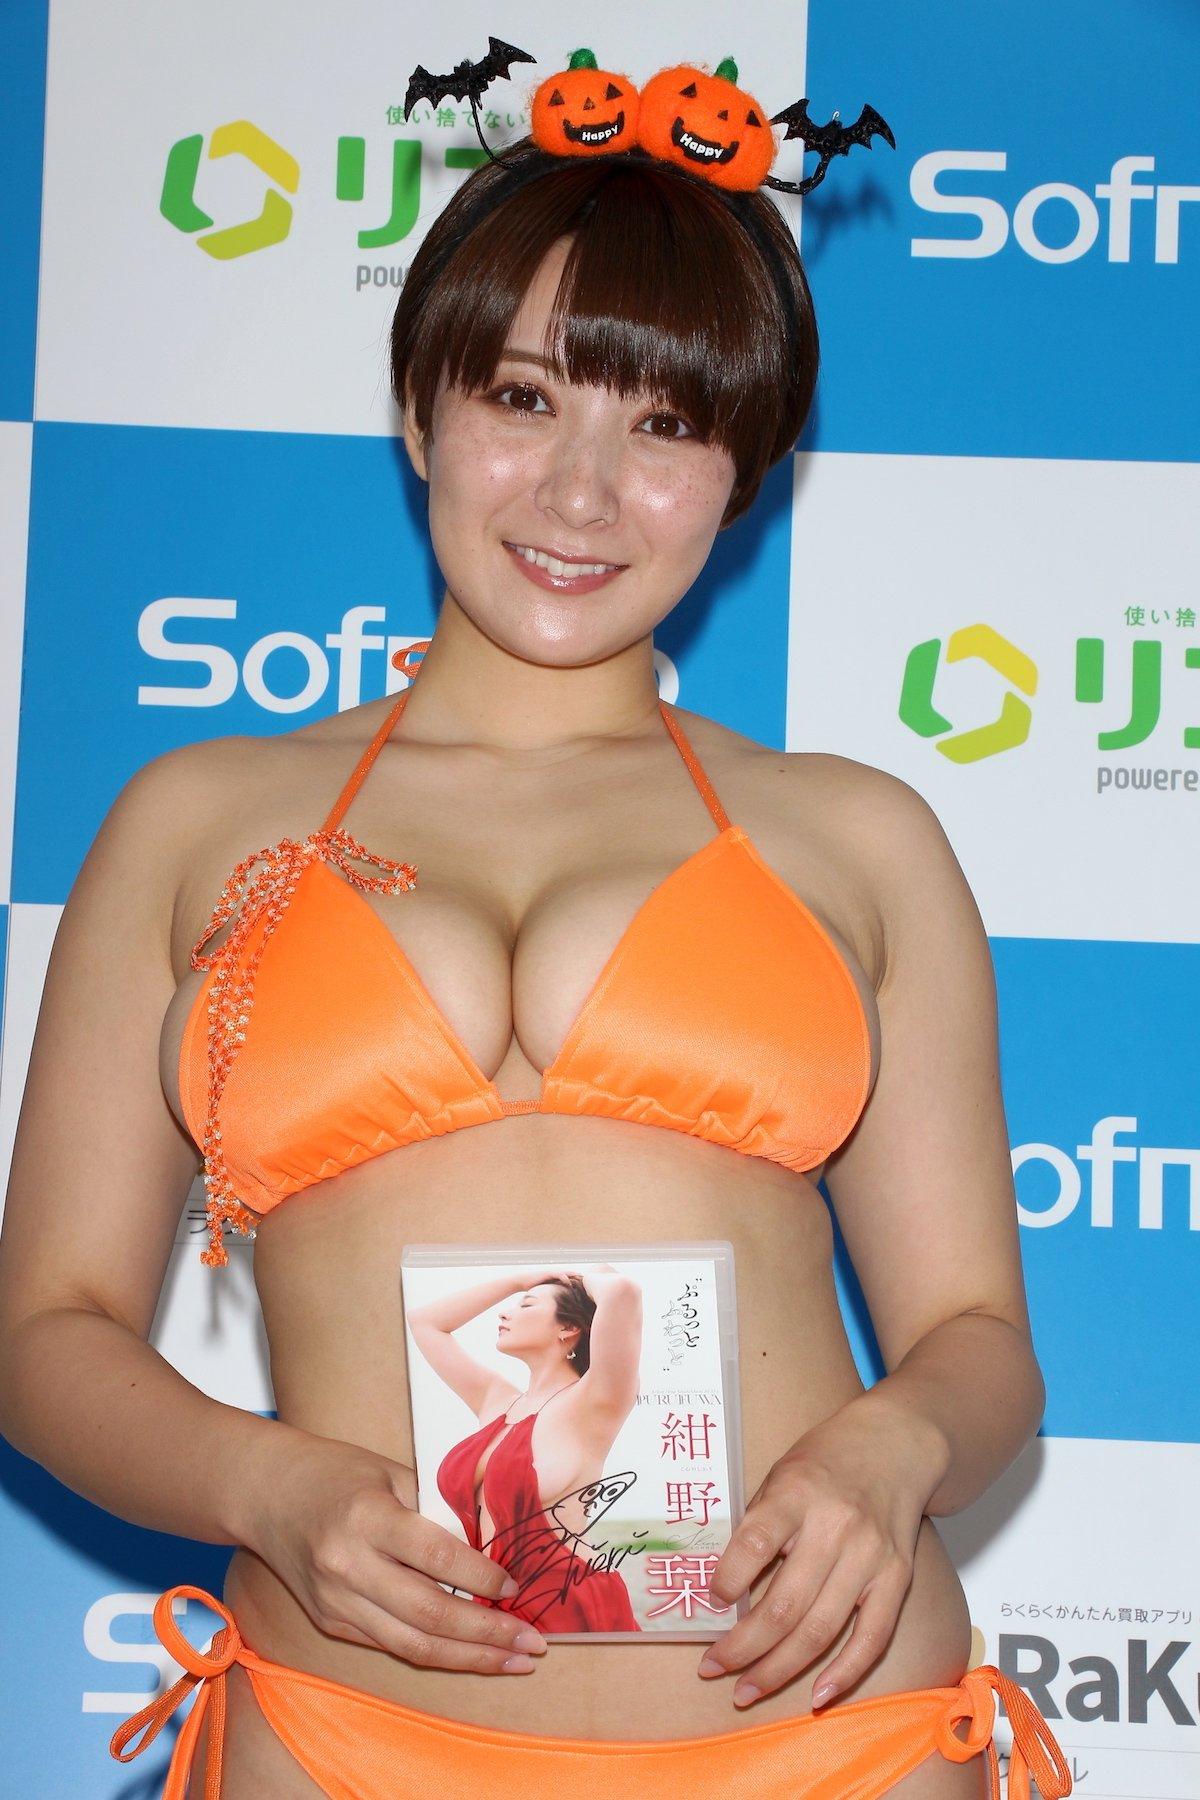 紺野栞「SM嬢に初挑戦」ムチを覚えて感動しました【画像49枚】の画像037